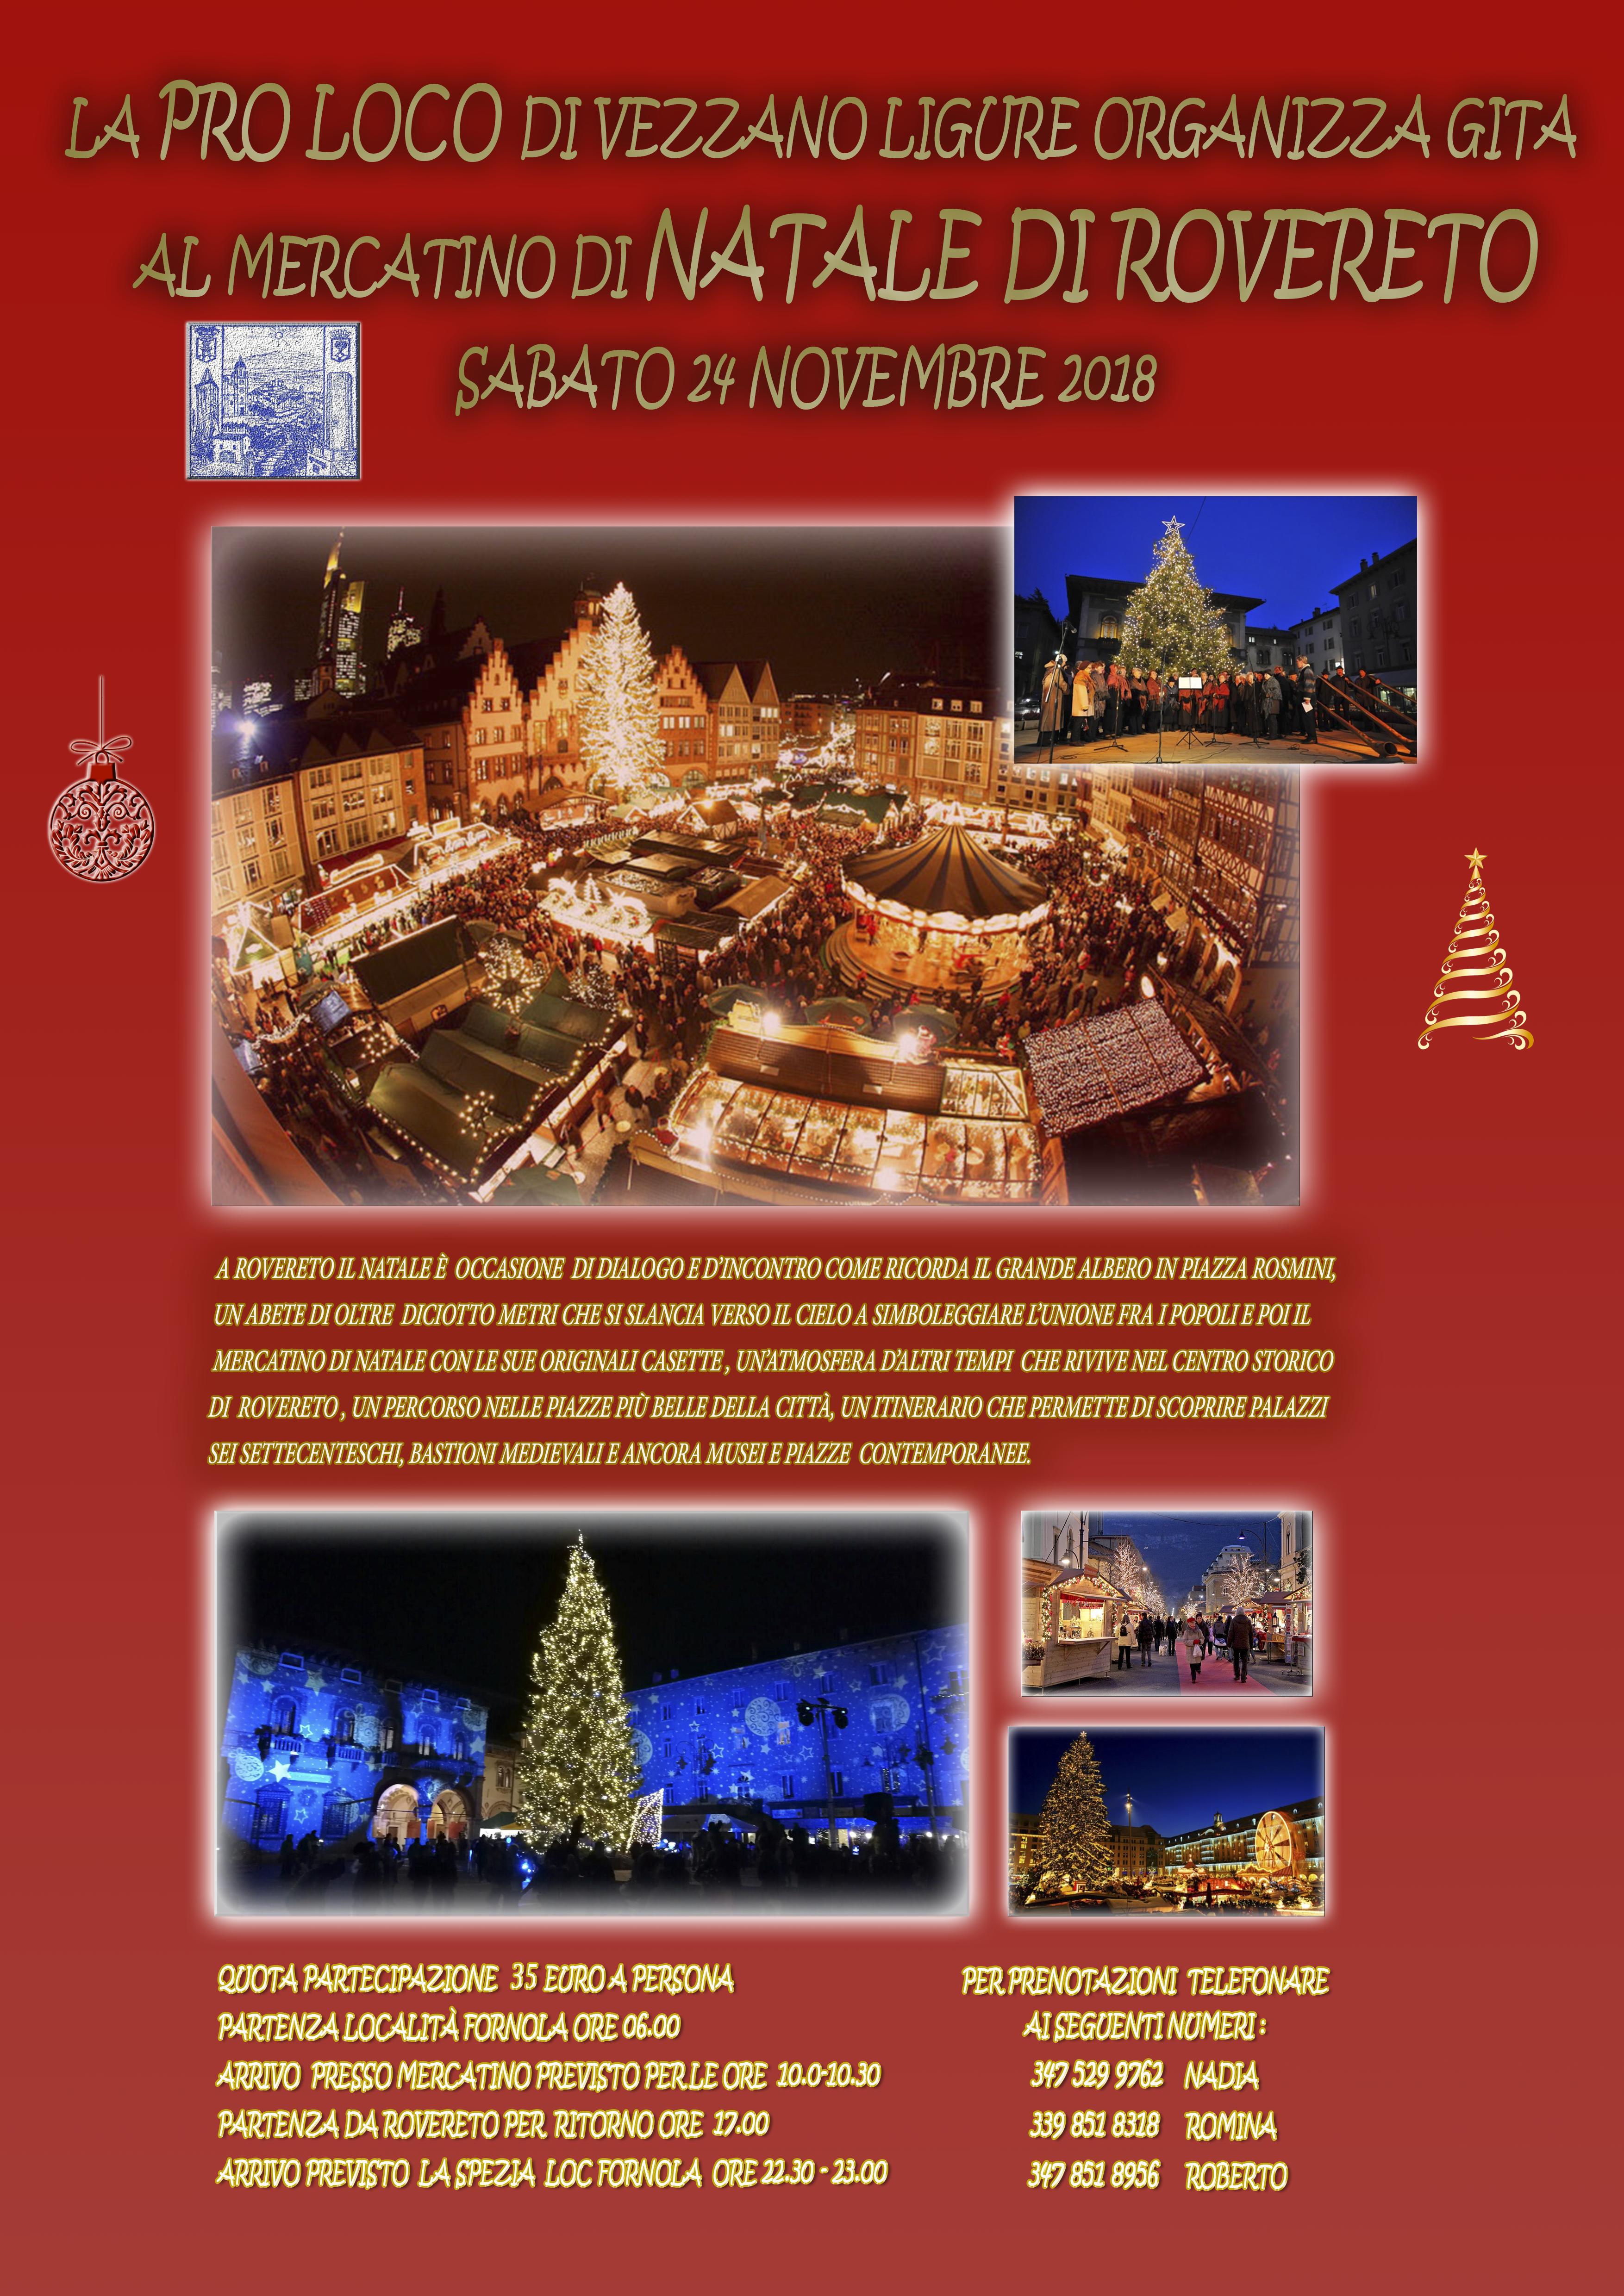 """La Pro Loco di Vezzano Ligure organizza """"Gita al mercatino di Natale di Rovereto"""" il 24 novembre 2018"""